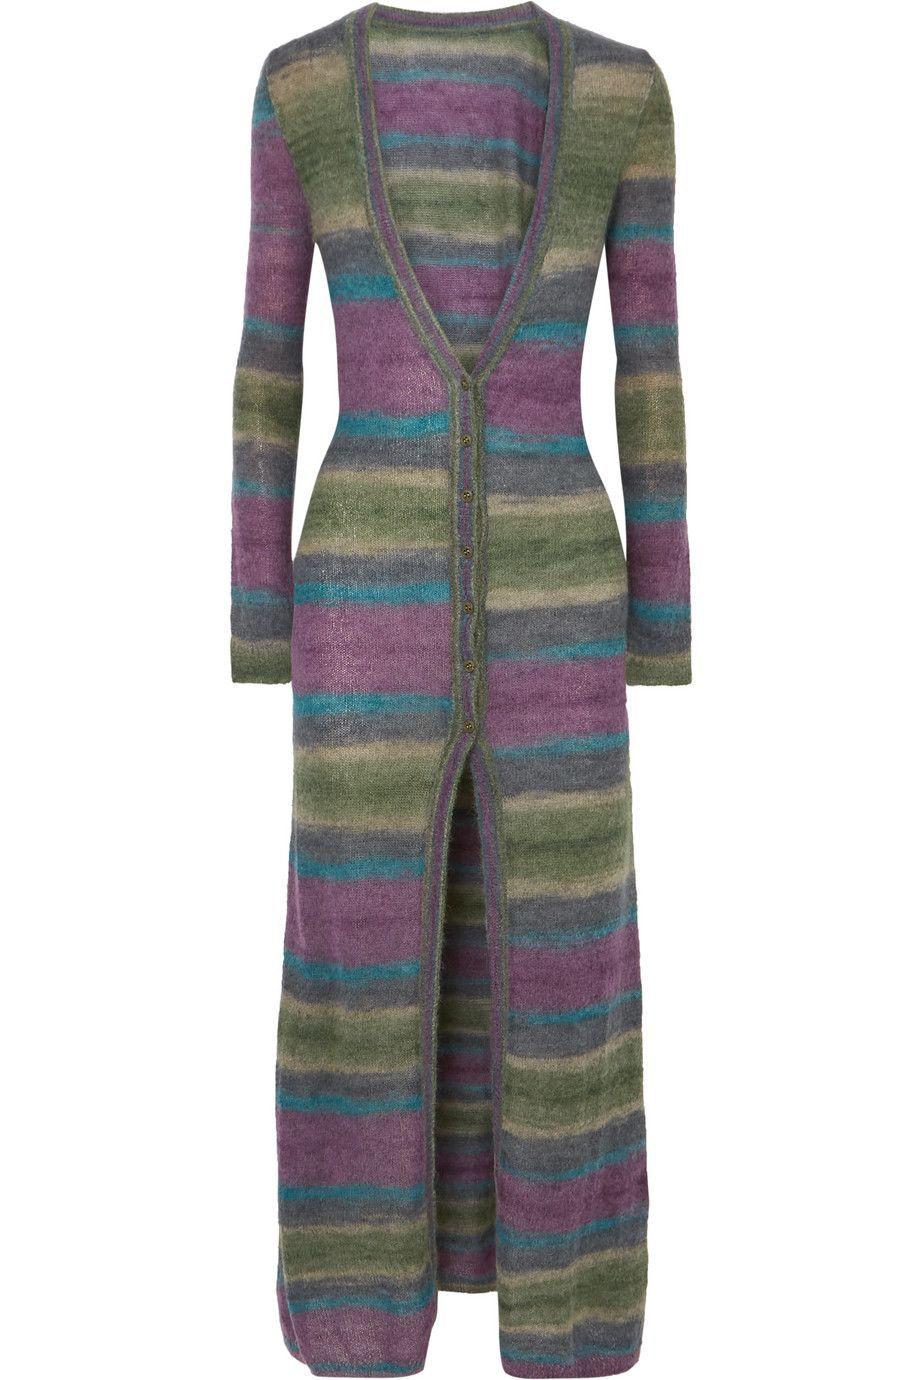 #PopbelaOOTD: Tampil Beda dengan Knitwear!